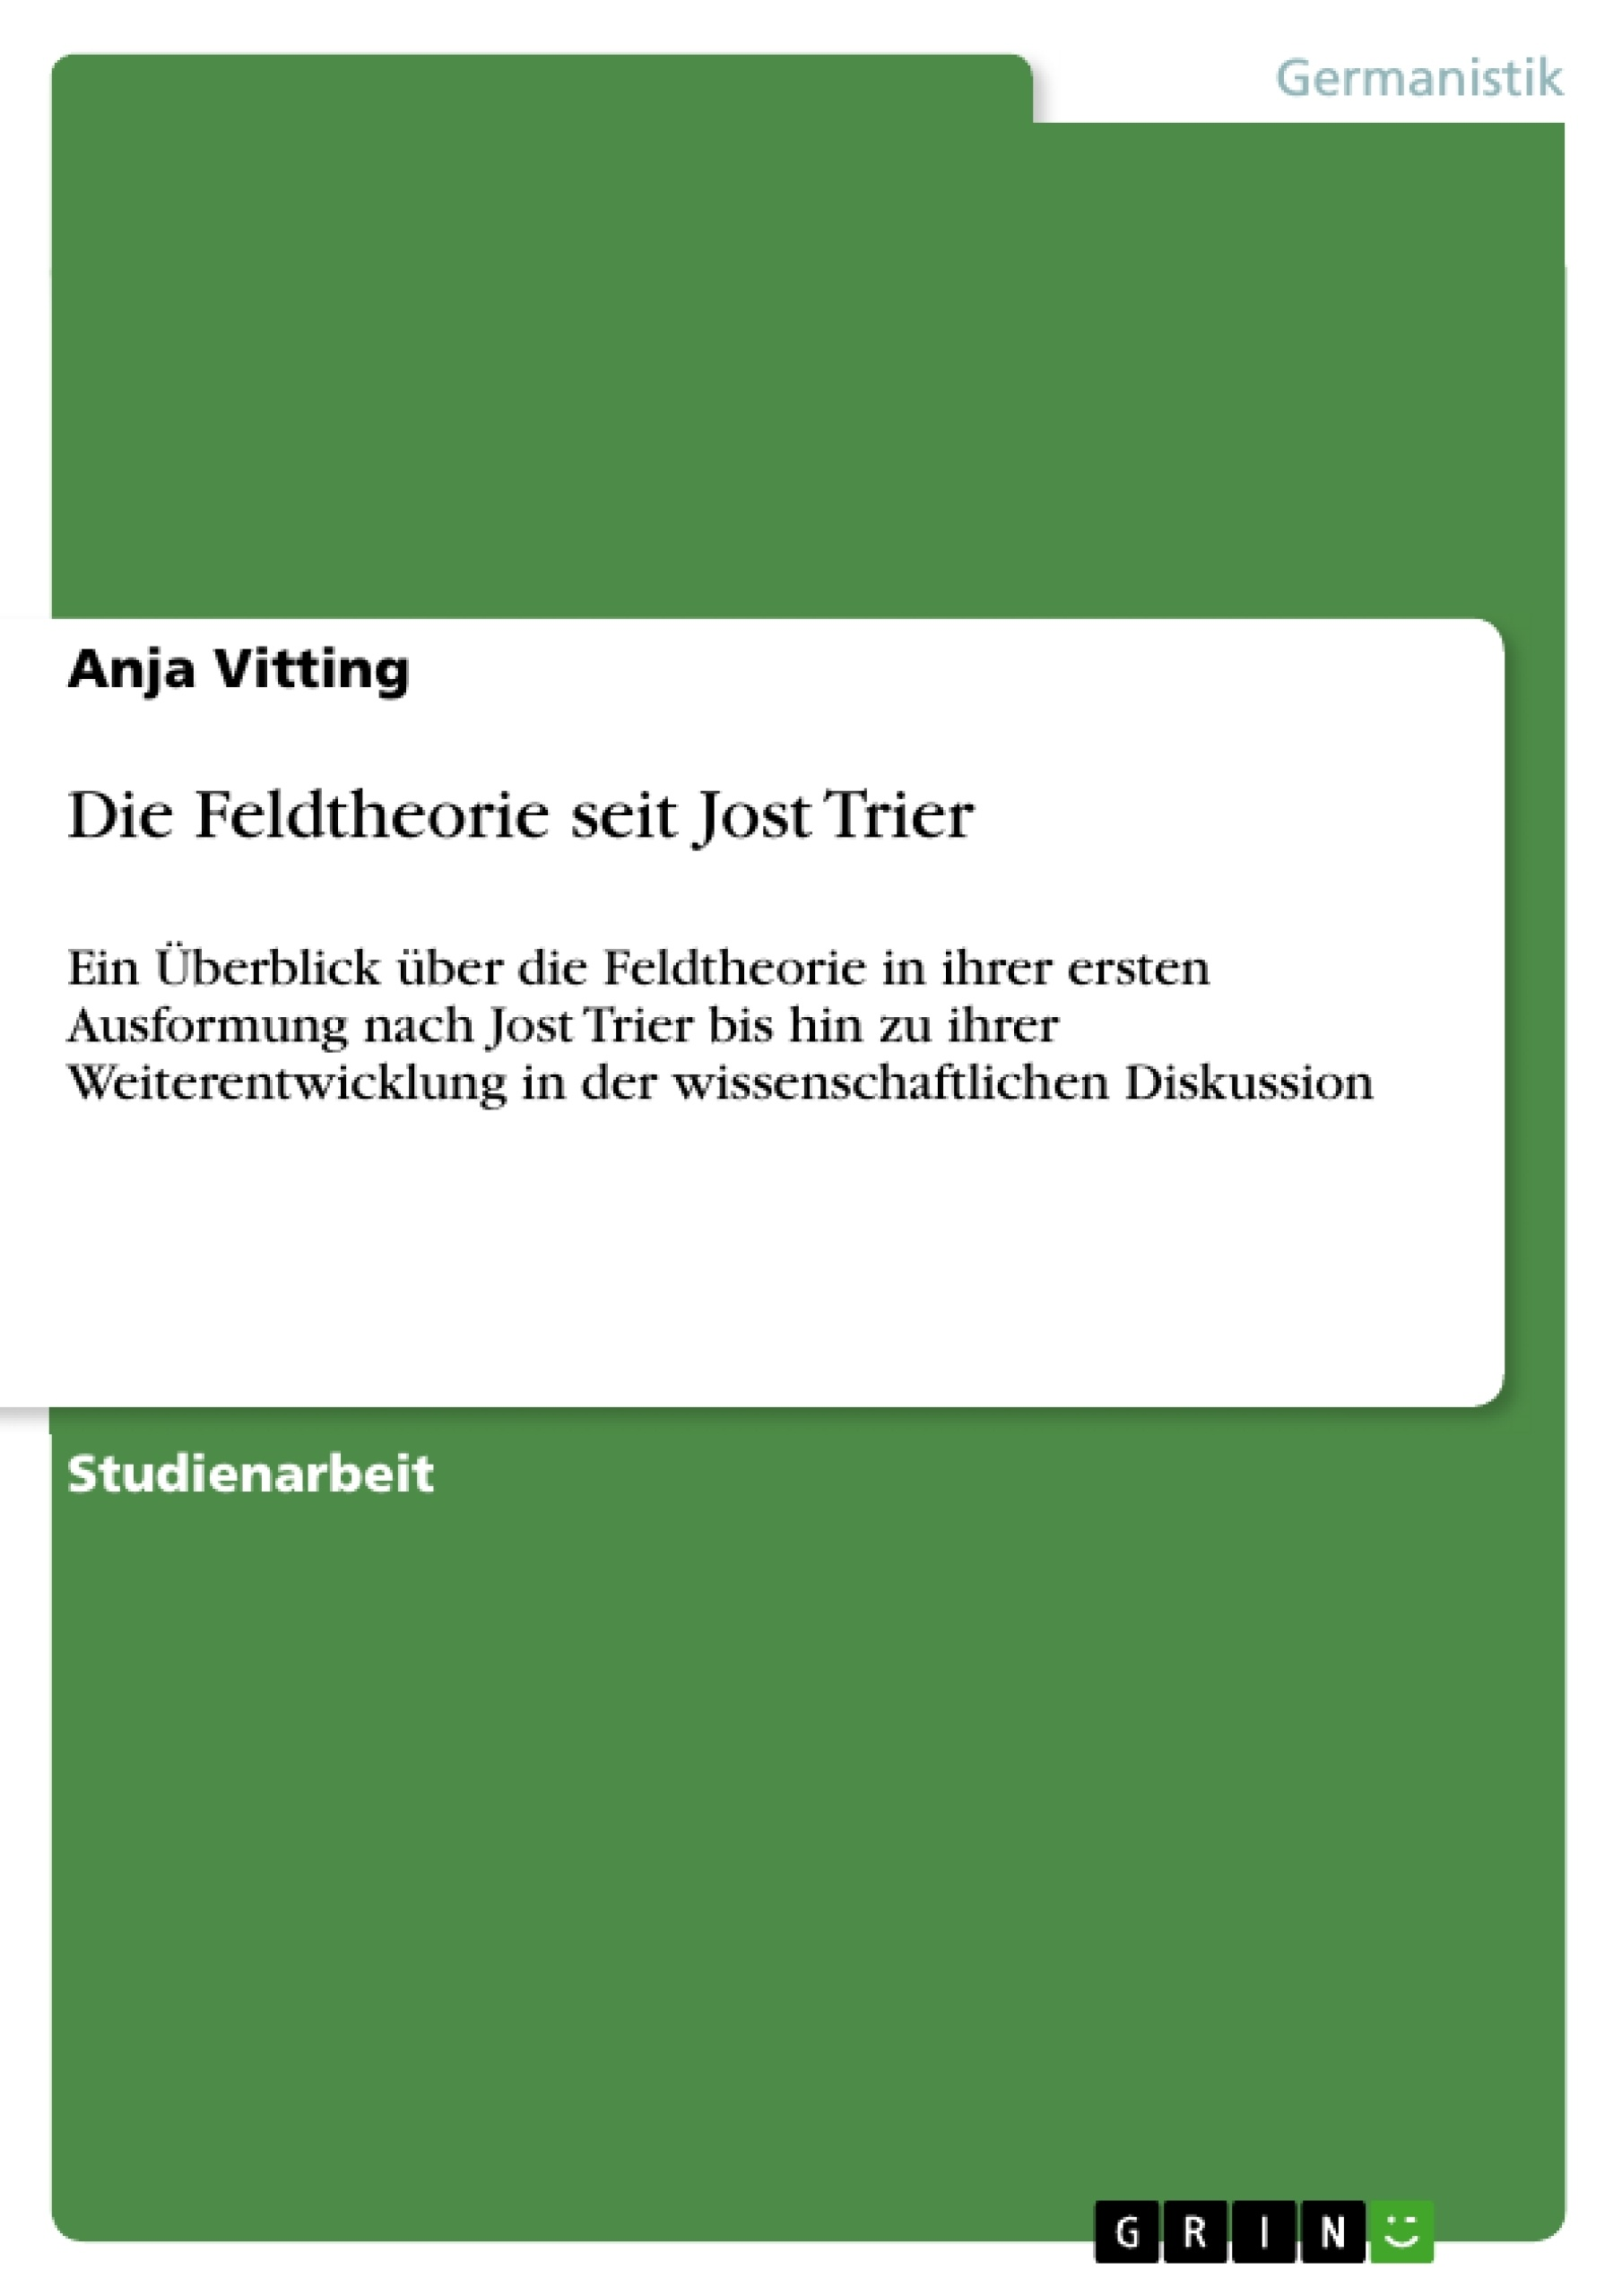 Titel: Die Feldtheorie seit Jost Trier